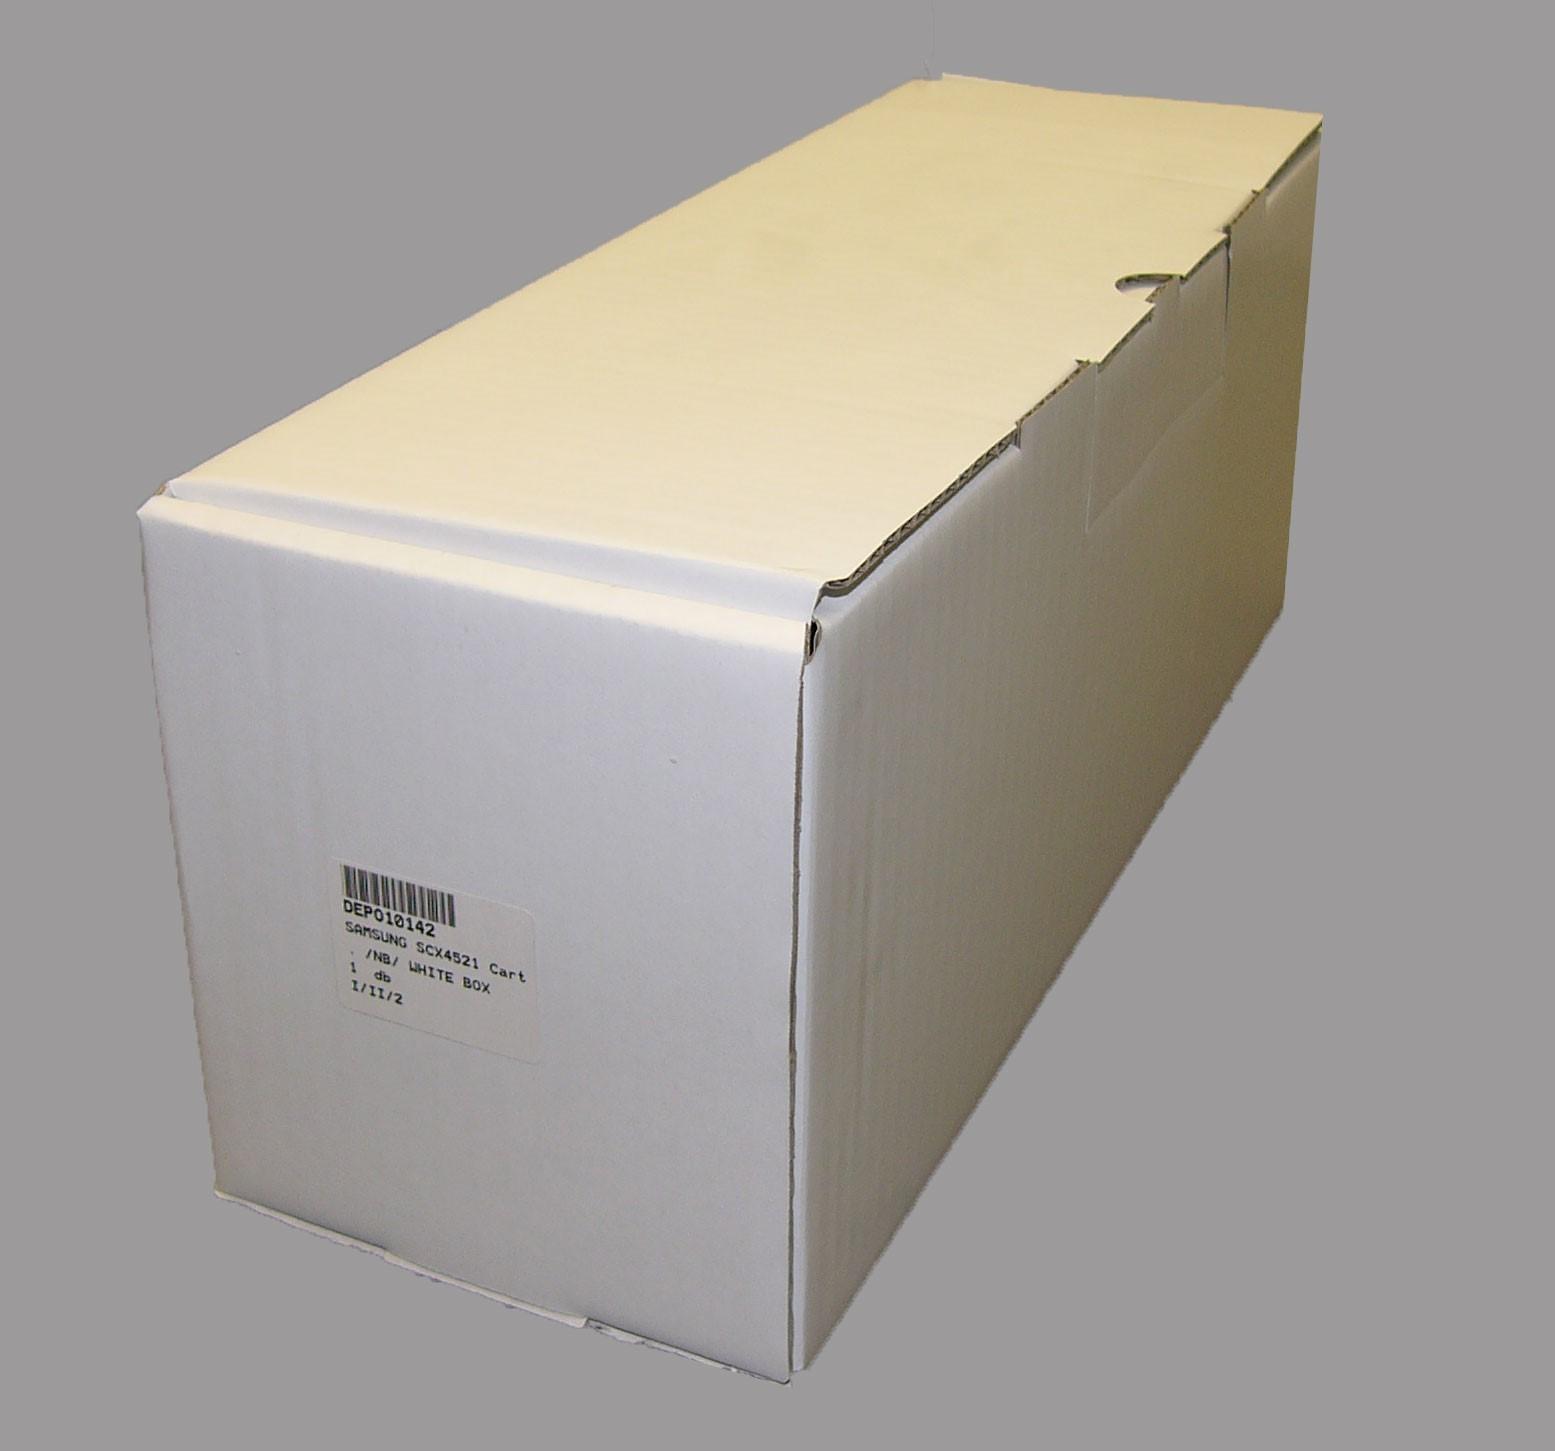 OKI B412/B432 Toner 3K (New Build) WHITE BOX